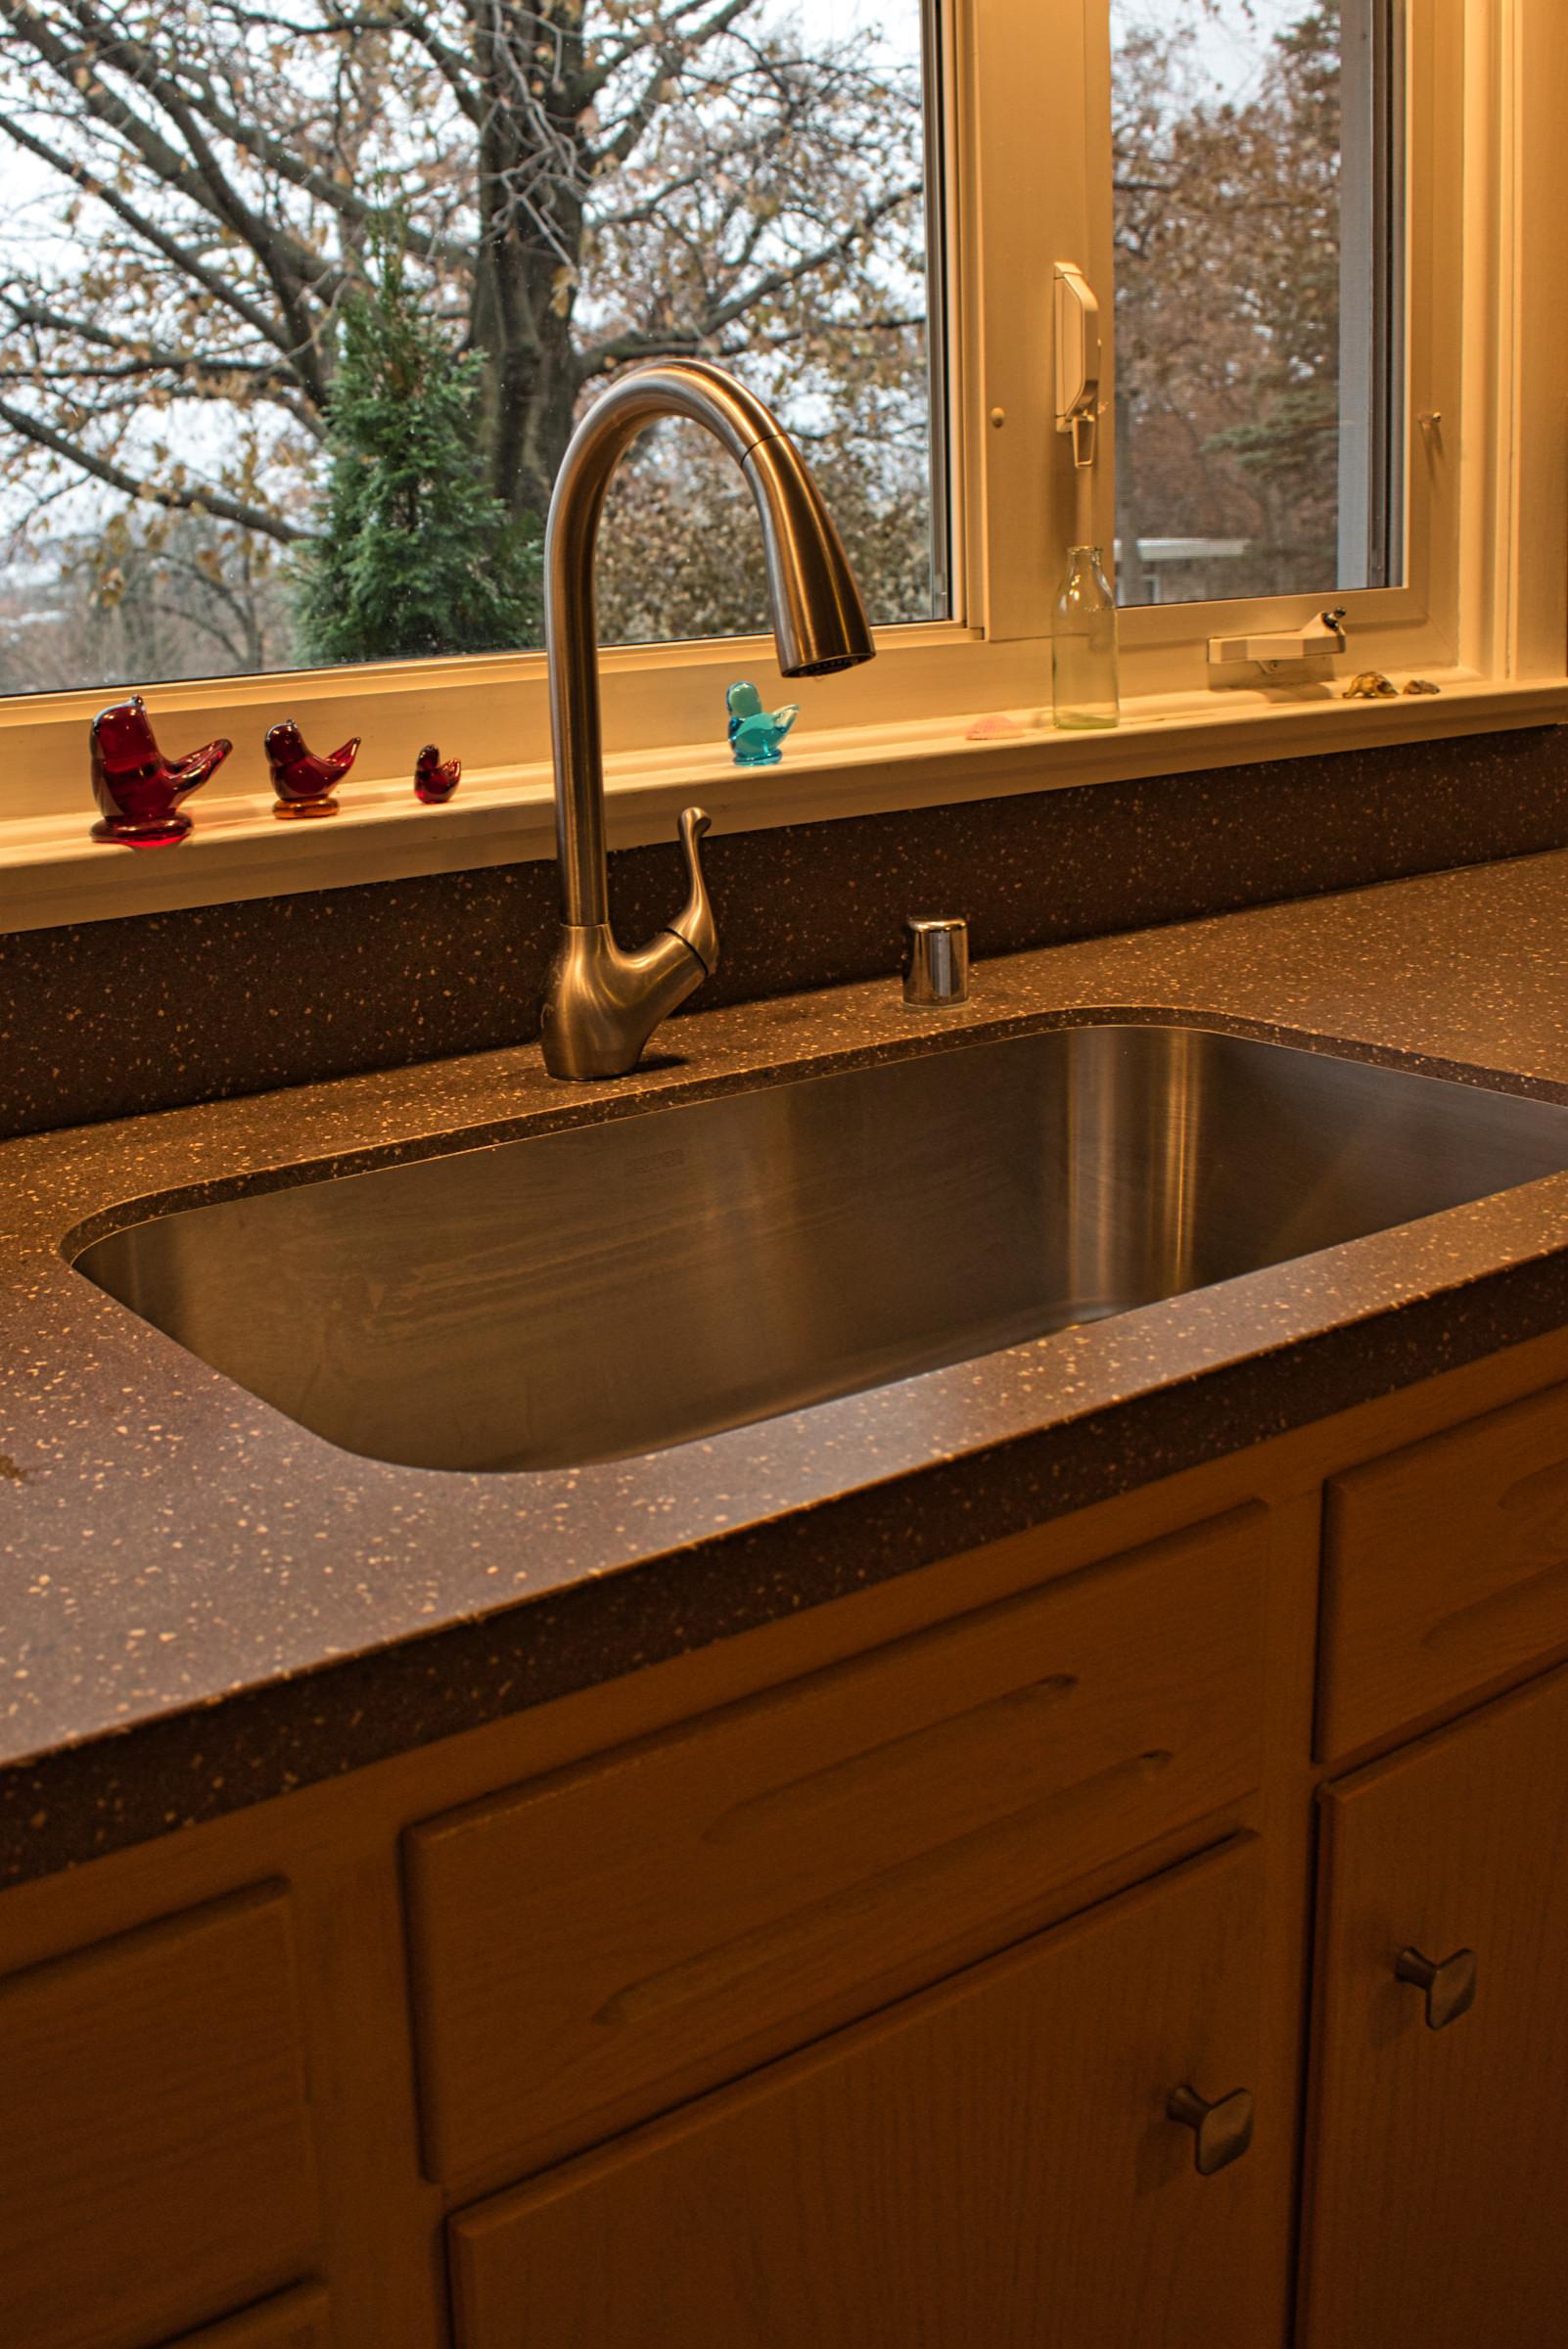 Queens Way Kitchen Remodel - Sink & Faucet